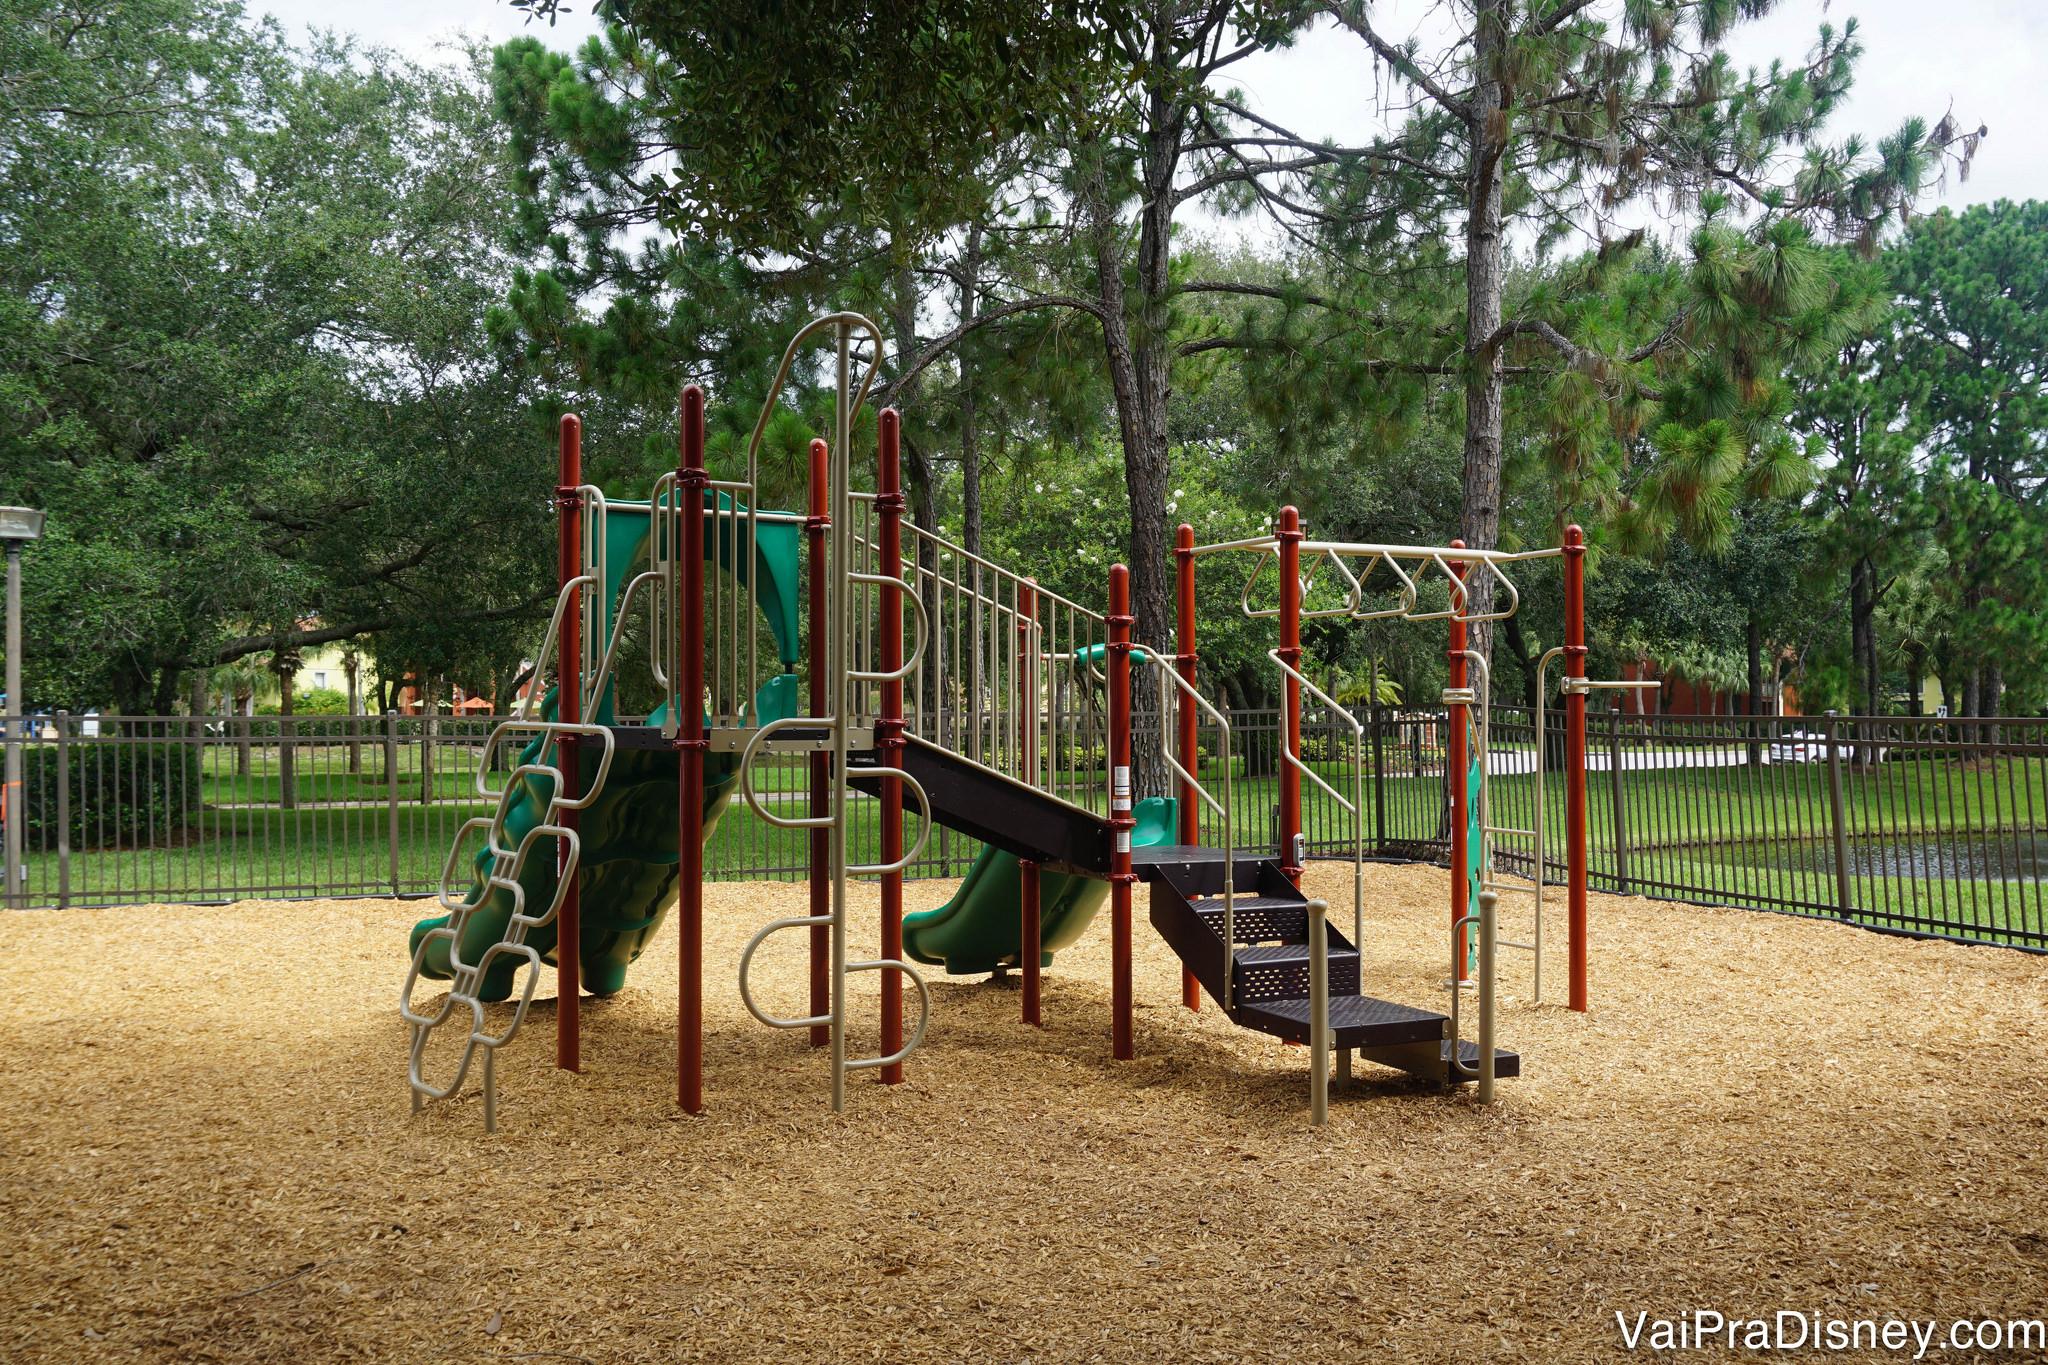 Playground infantil na área externa, com trepa-trepa e escorregador.